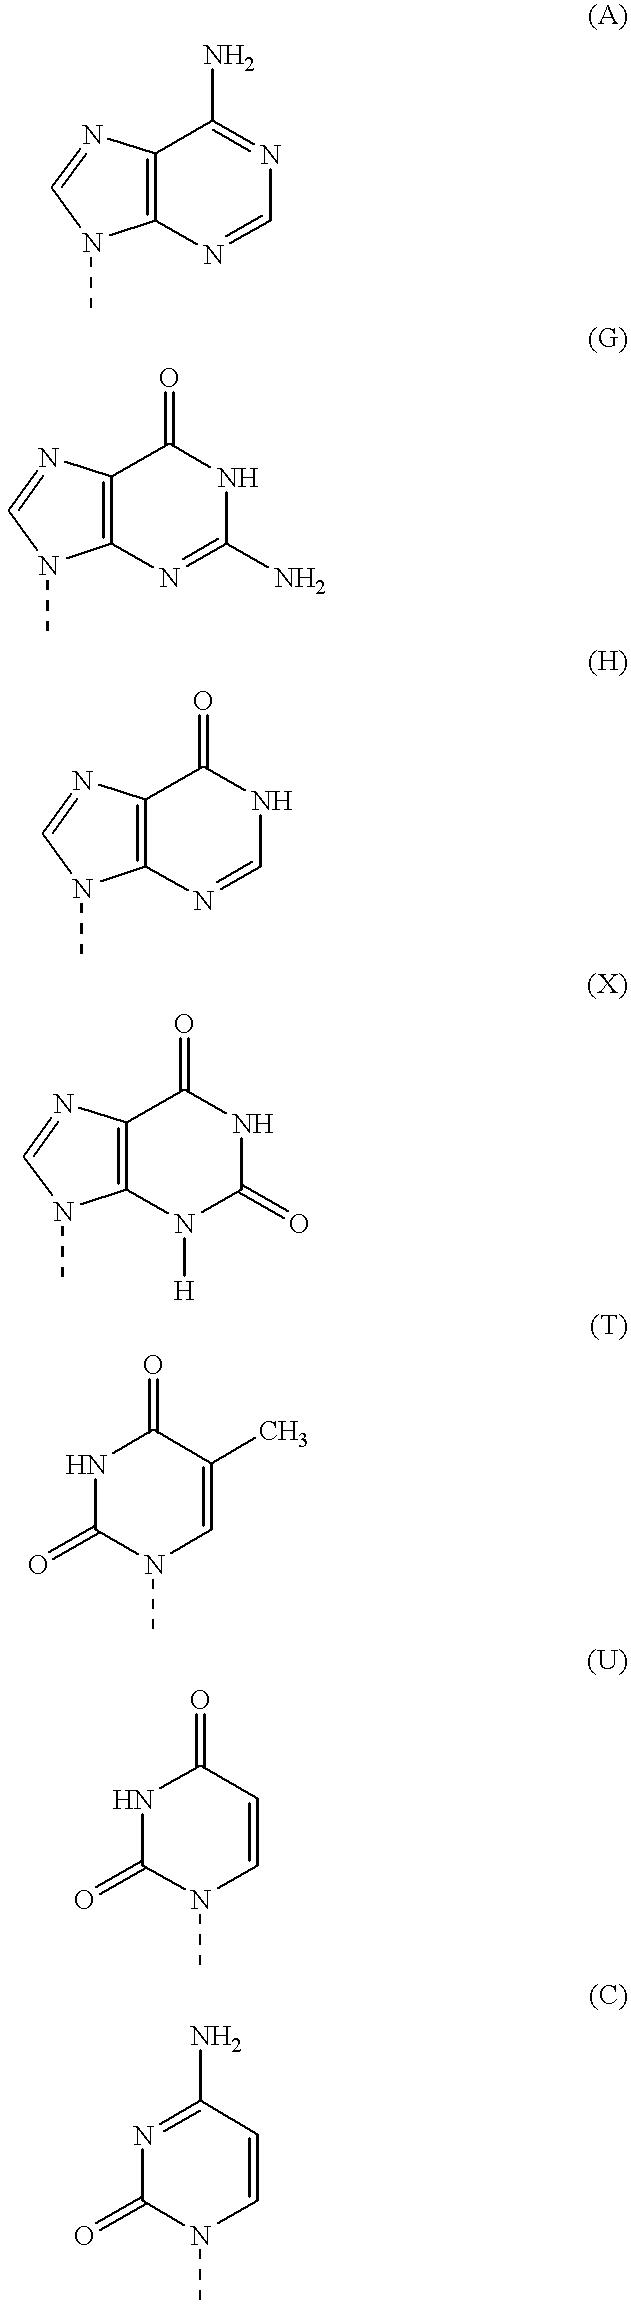 Figure US06323186-20011127-C00002